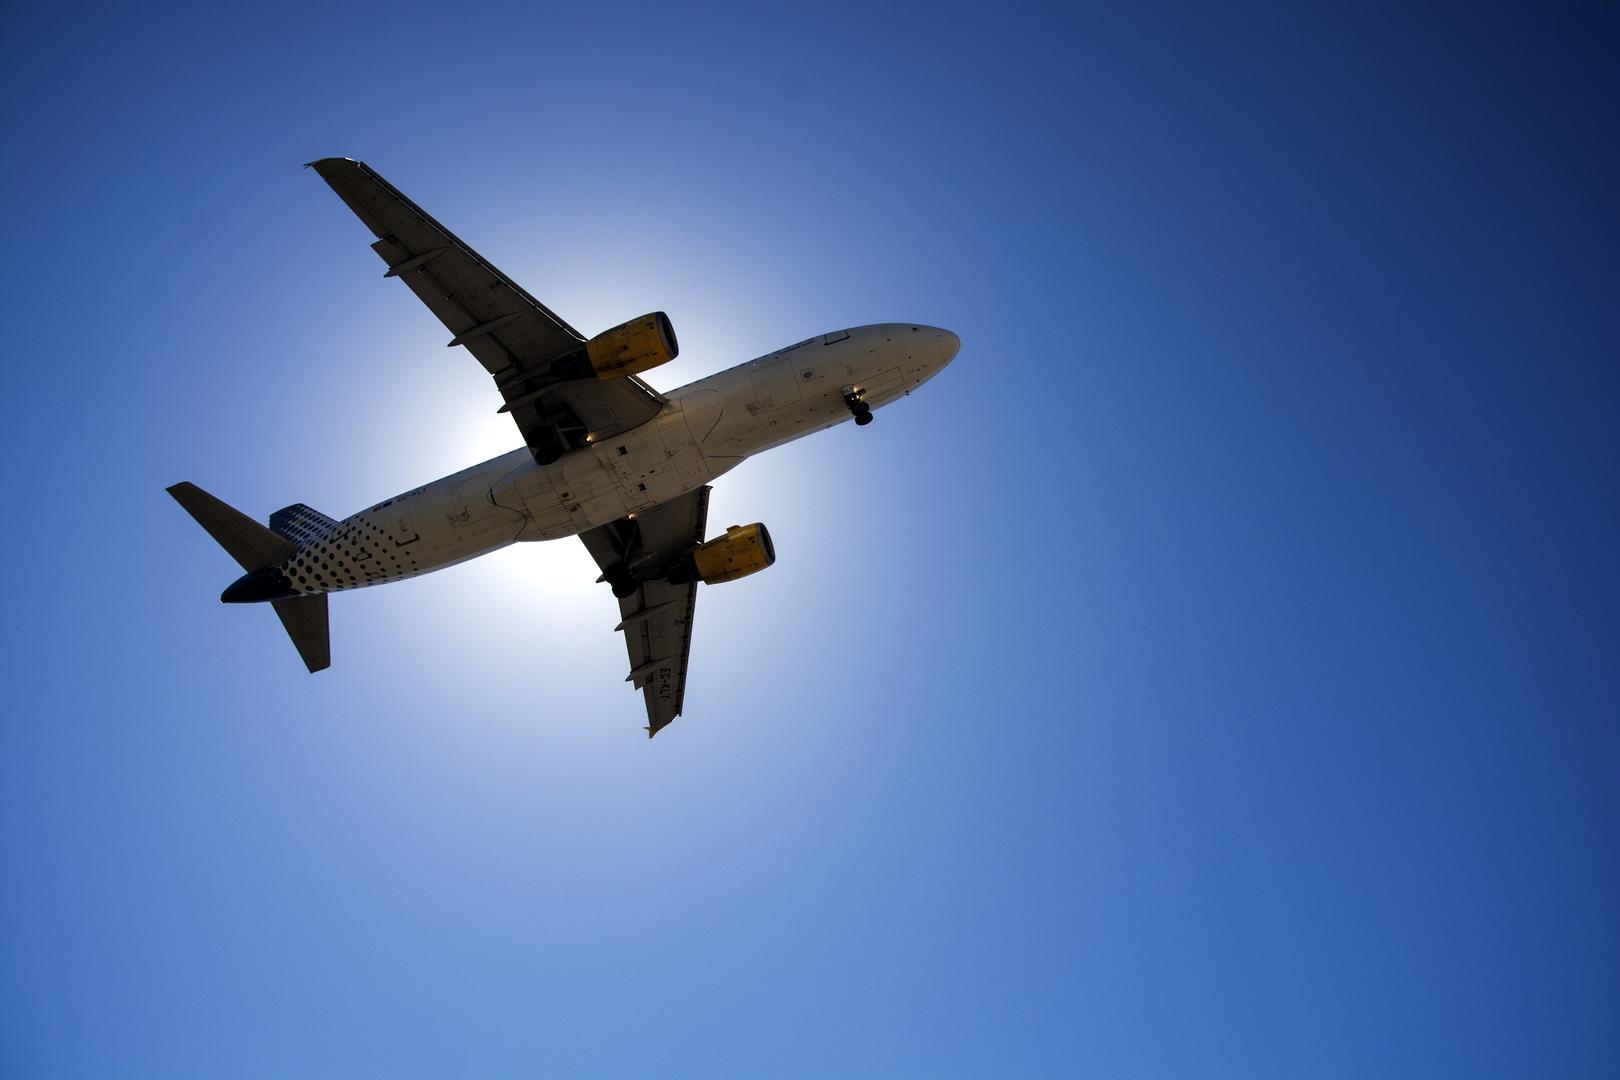 ВБурятии новому самолету дали рабочее название «Байкал»